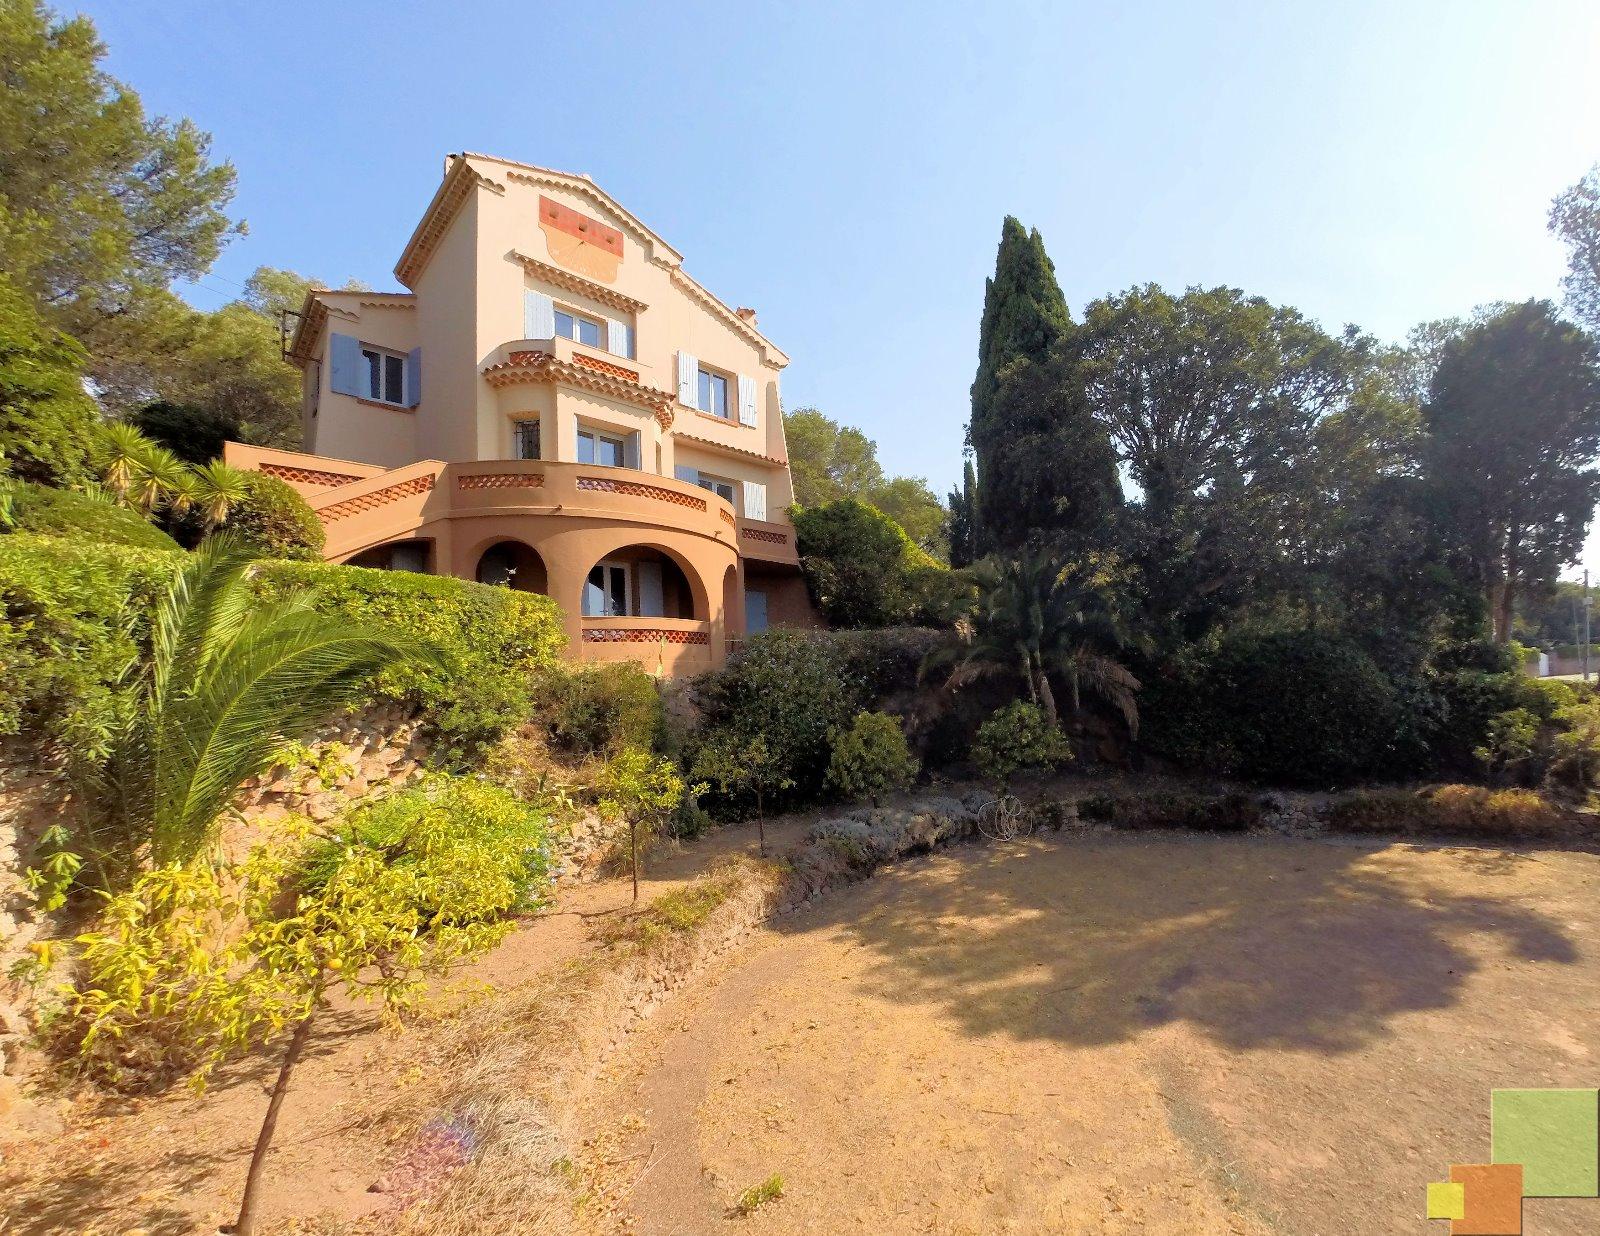 Agay 83 var face plage villa vue mer r nover de 210m2 potentiel d extension 245 m2 3d - Petite maison a renover bord de mer ...